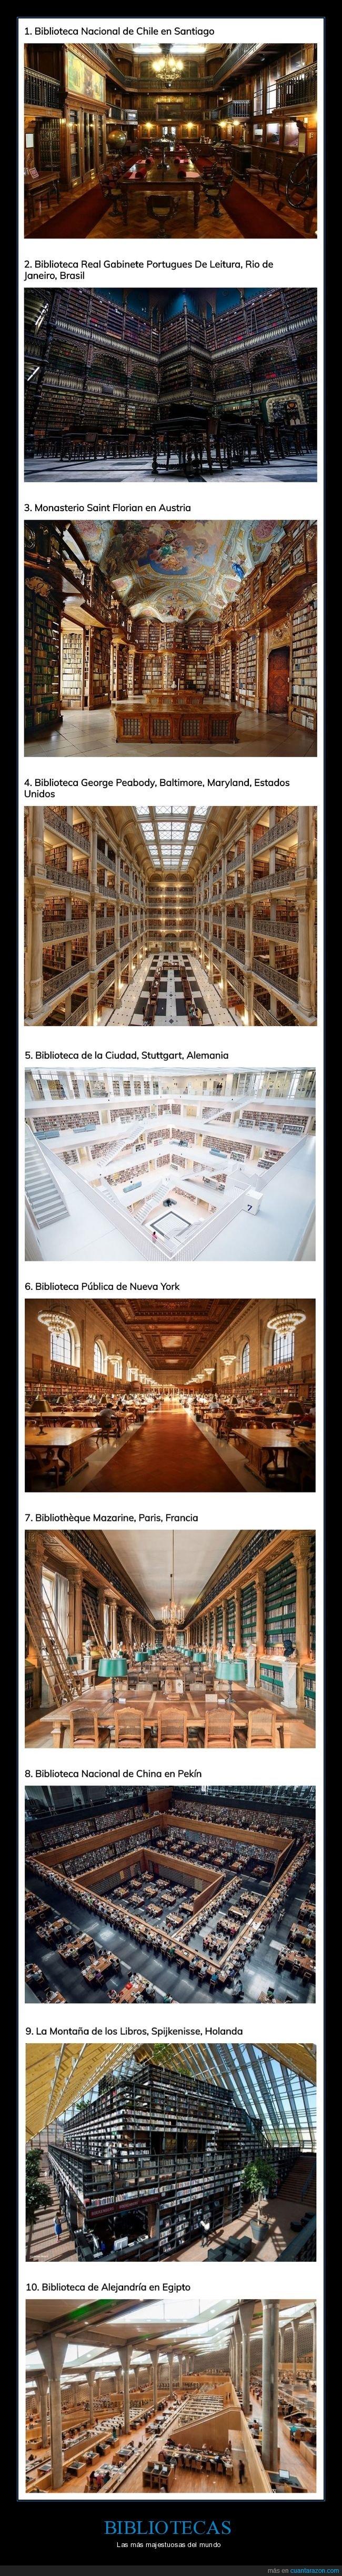 bibliotecas,curiosidades,países